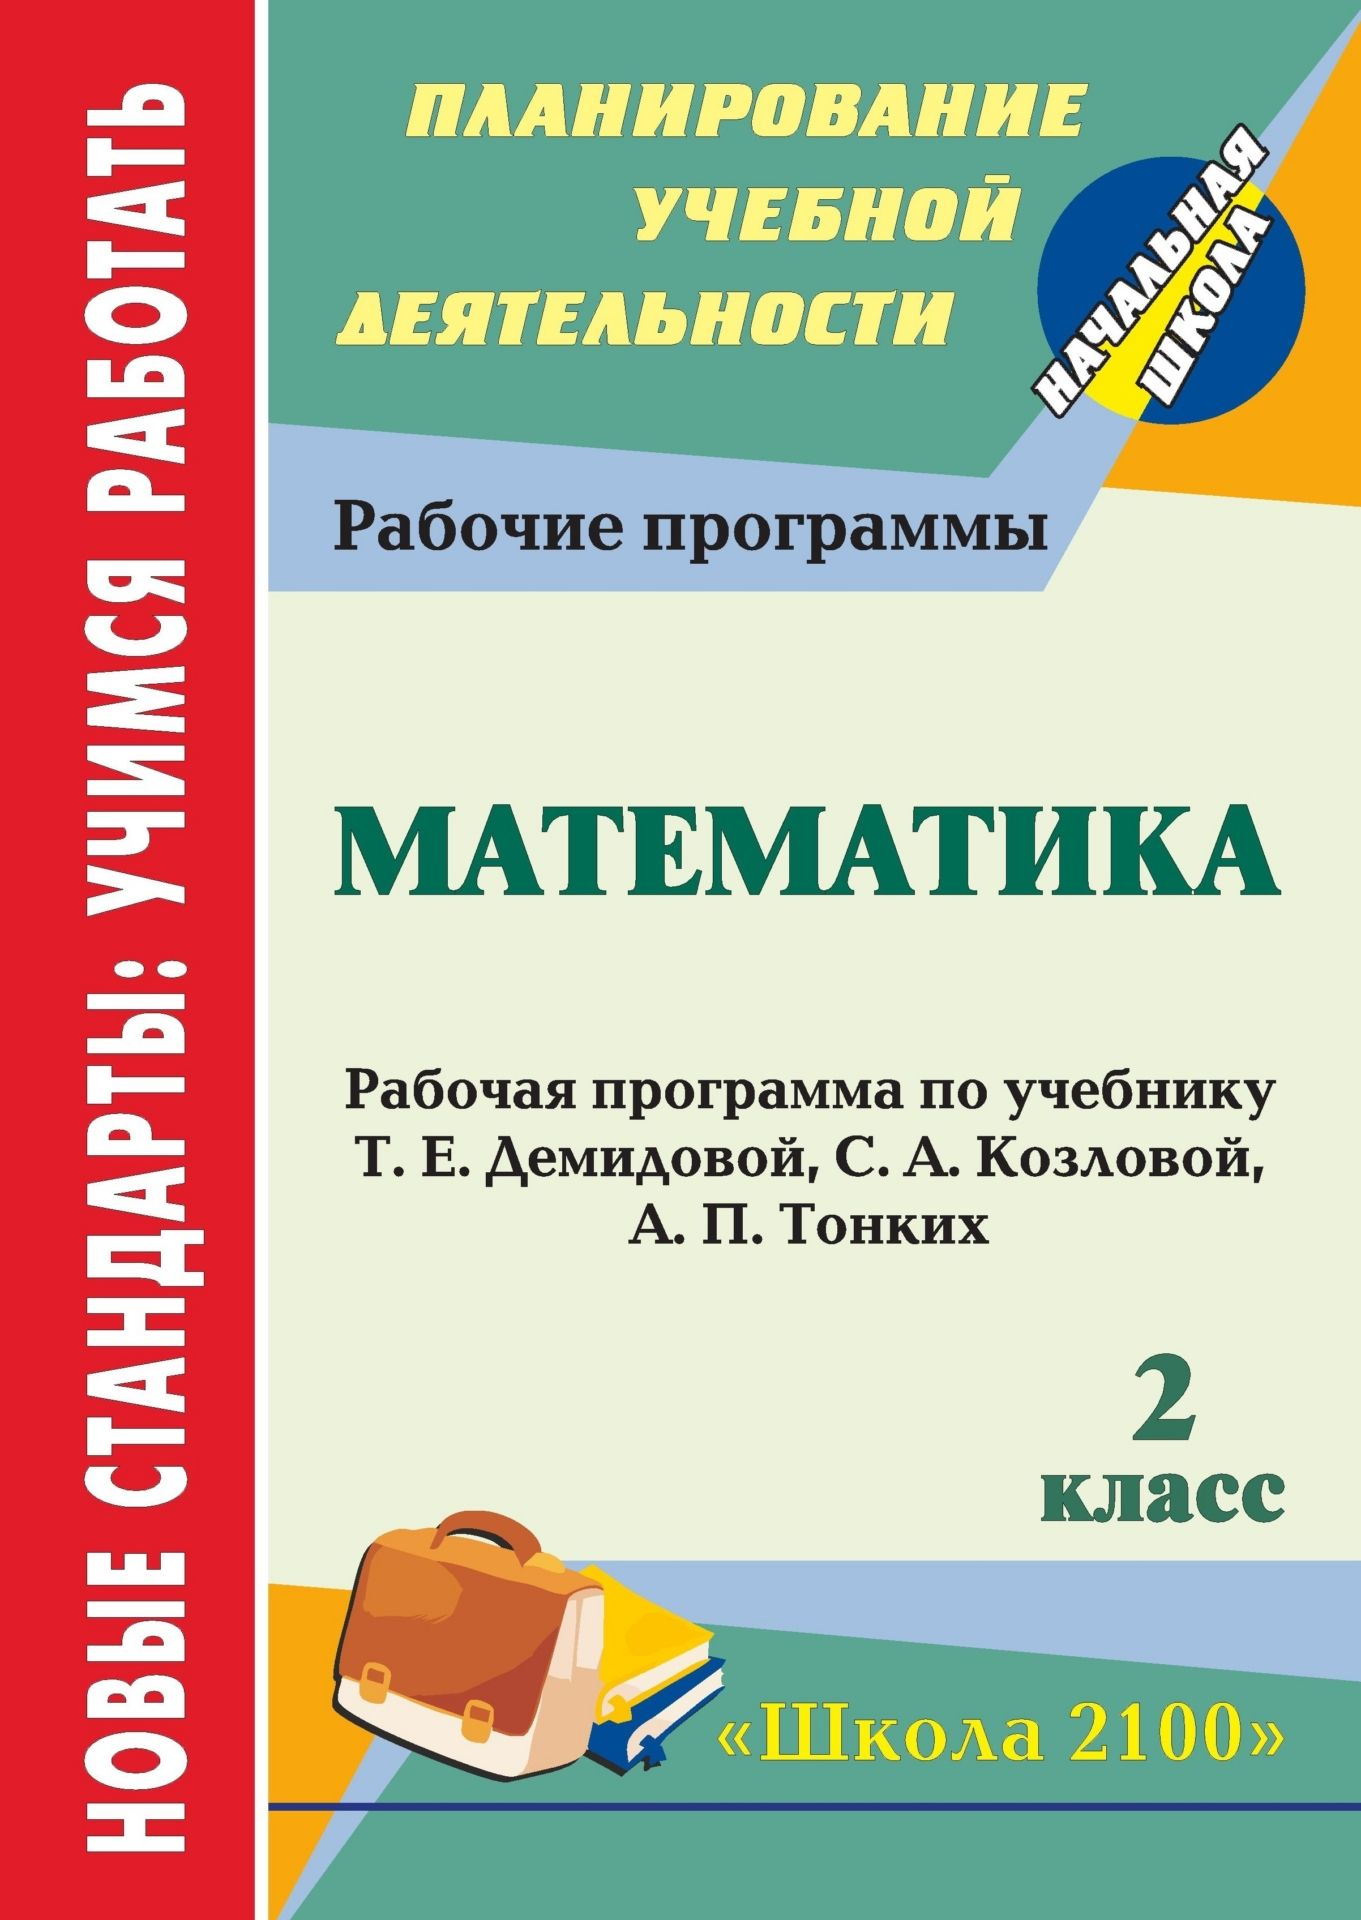 Математика. 2 класс: рабоча программа по учебнику Т. Е. Демидовой, С. А. Козловой, А. П. ТонкихПредметы<br>В пособии представлена рабоча программа по математике дл 2 класса, разработанна в соответствии с основными положеними федерального государственного образовательного стандарта и ориентированна на работу по учебнику Т. Е. Демидовой, С. А. Козловой, А. ...<br><br>Авторы: Кузнецова Н. Н.<br>Год: 2012<br>Сери: ФГОС. Планирование учебной детельности<br>ISBN: 978-5-7057-3232-6<br>Высота: 285<br>Ширина: 203<br>Толщина: 5<br>Переплёт: мгка, склейка